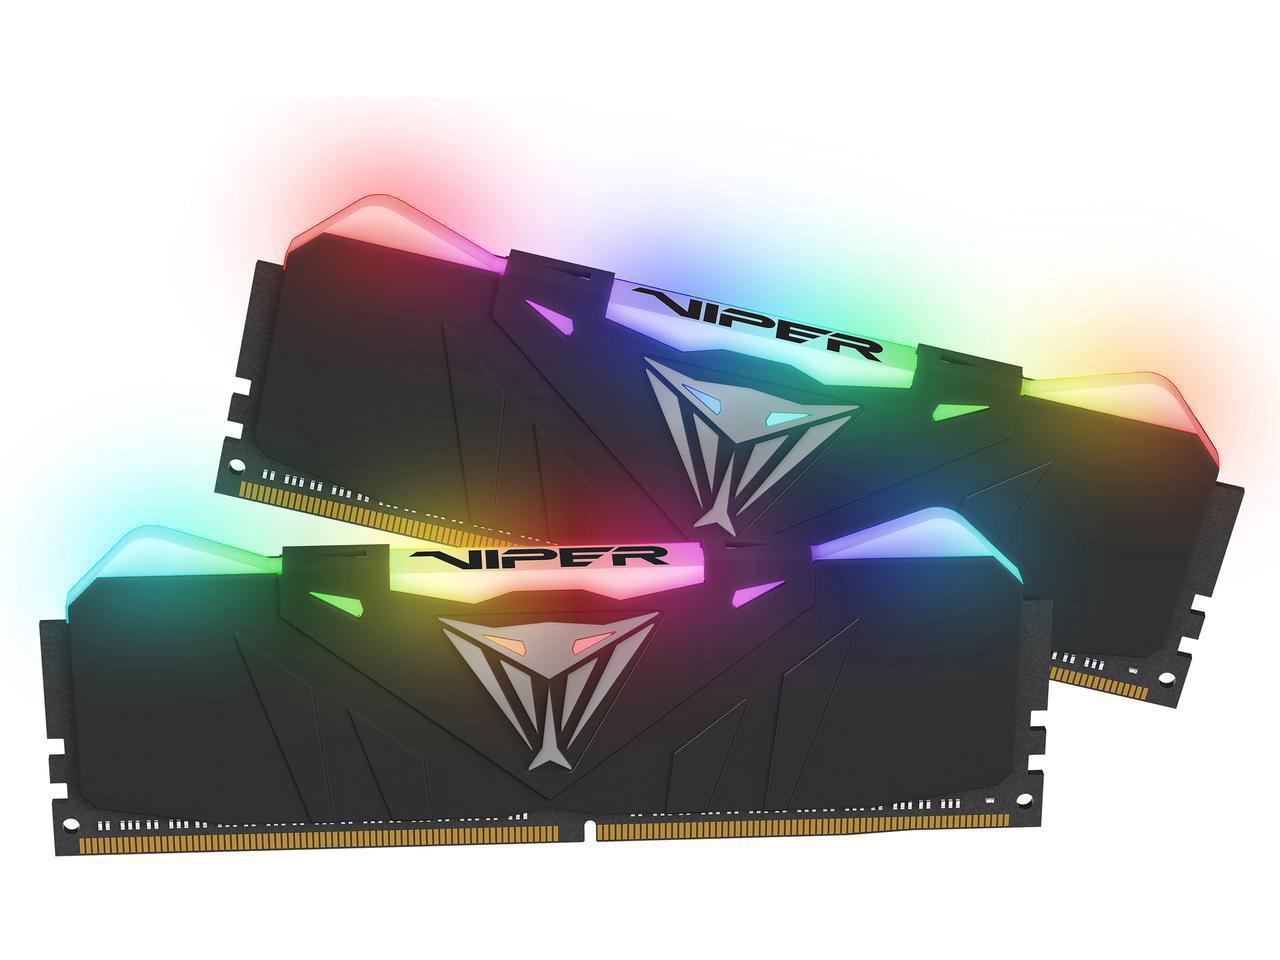 Patriot Viper 16GB 3600MHz RGB DDR4 Desktop RAM Price in